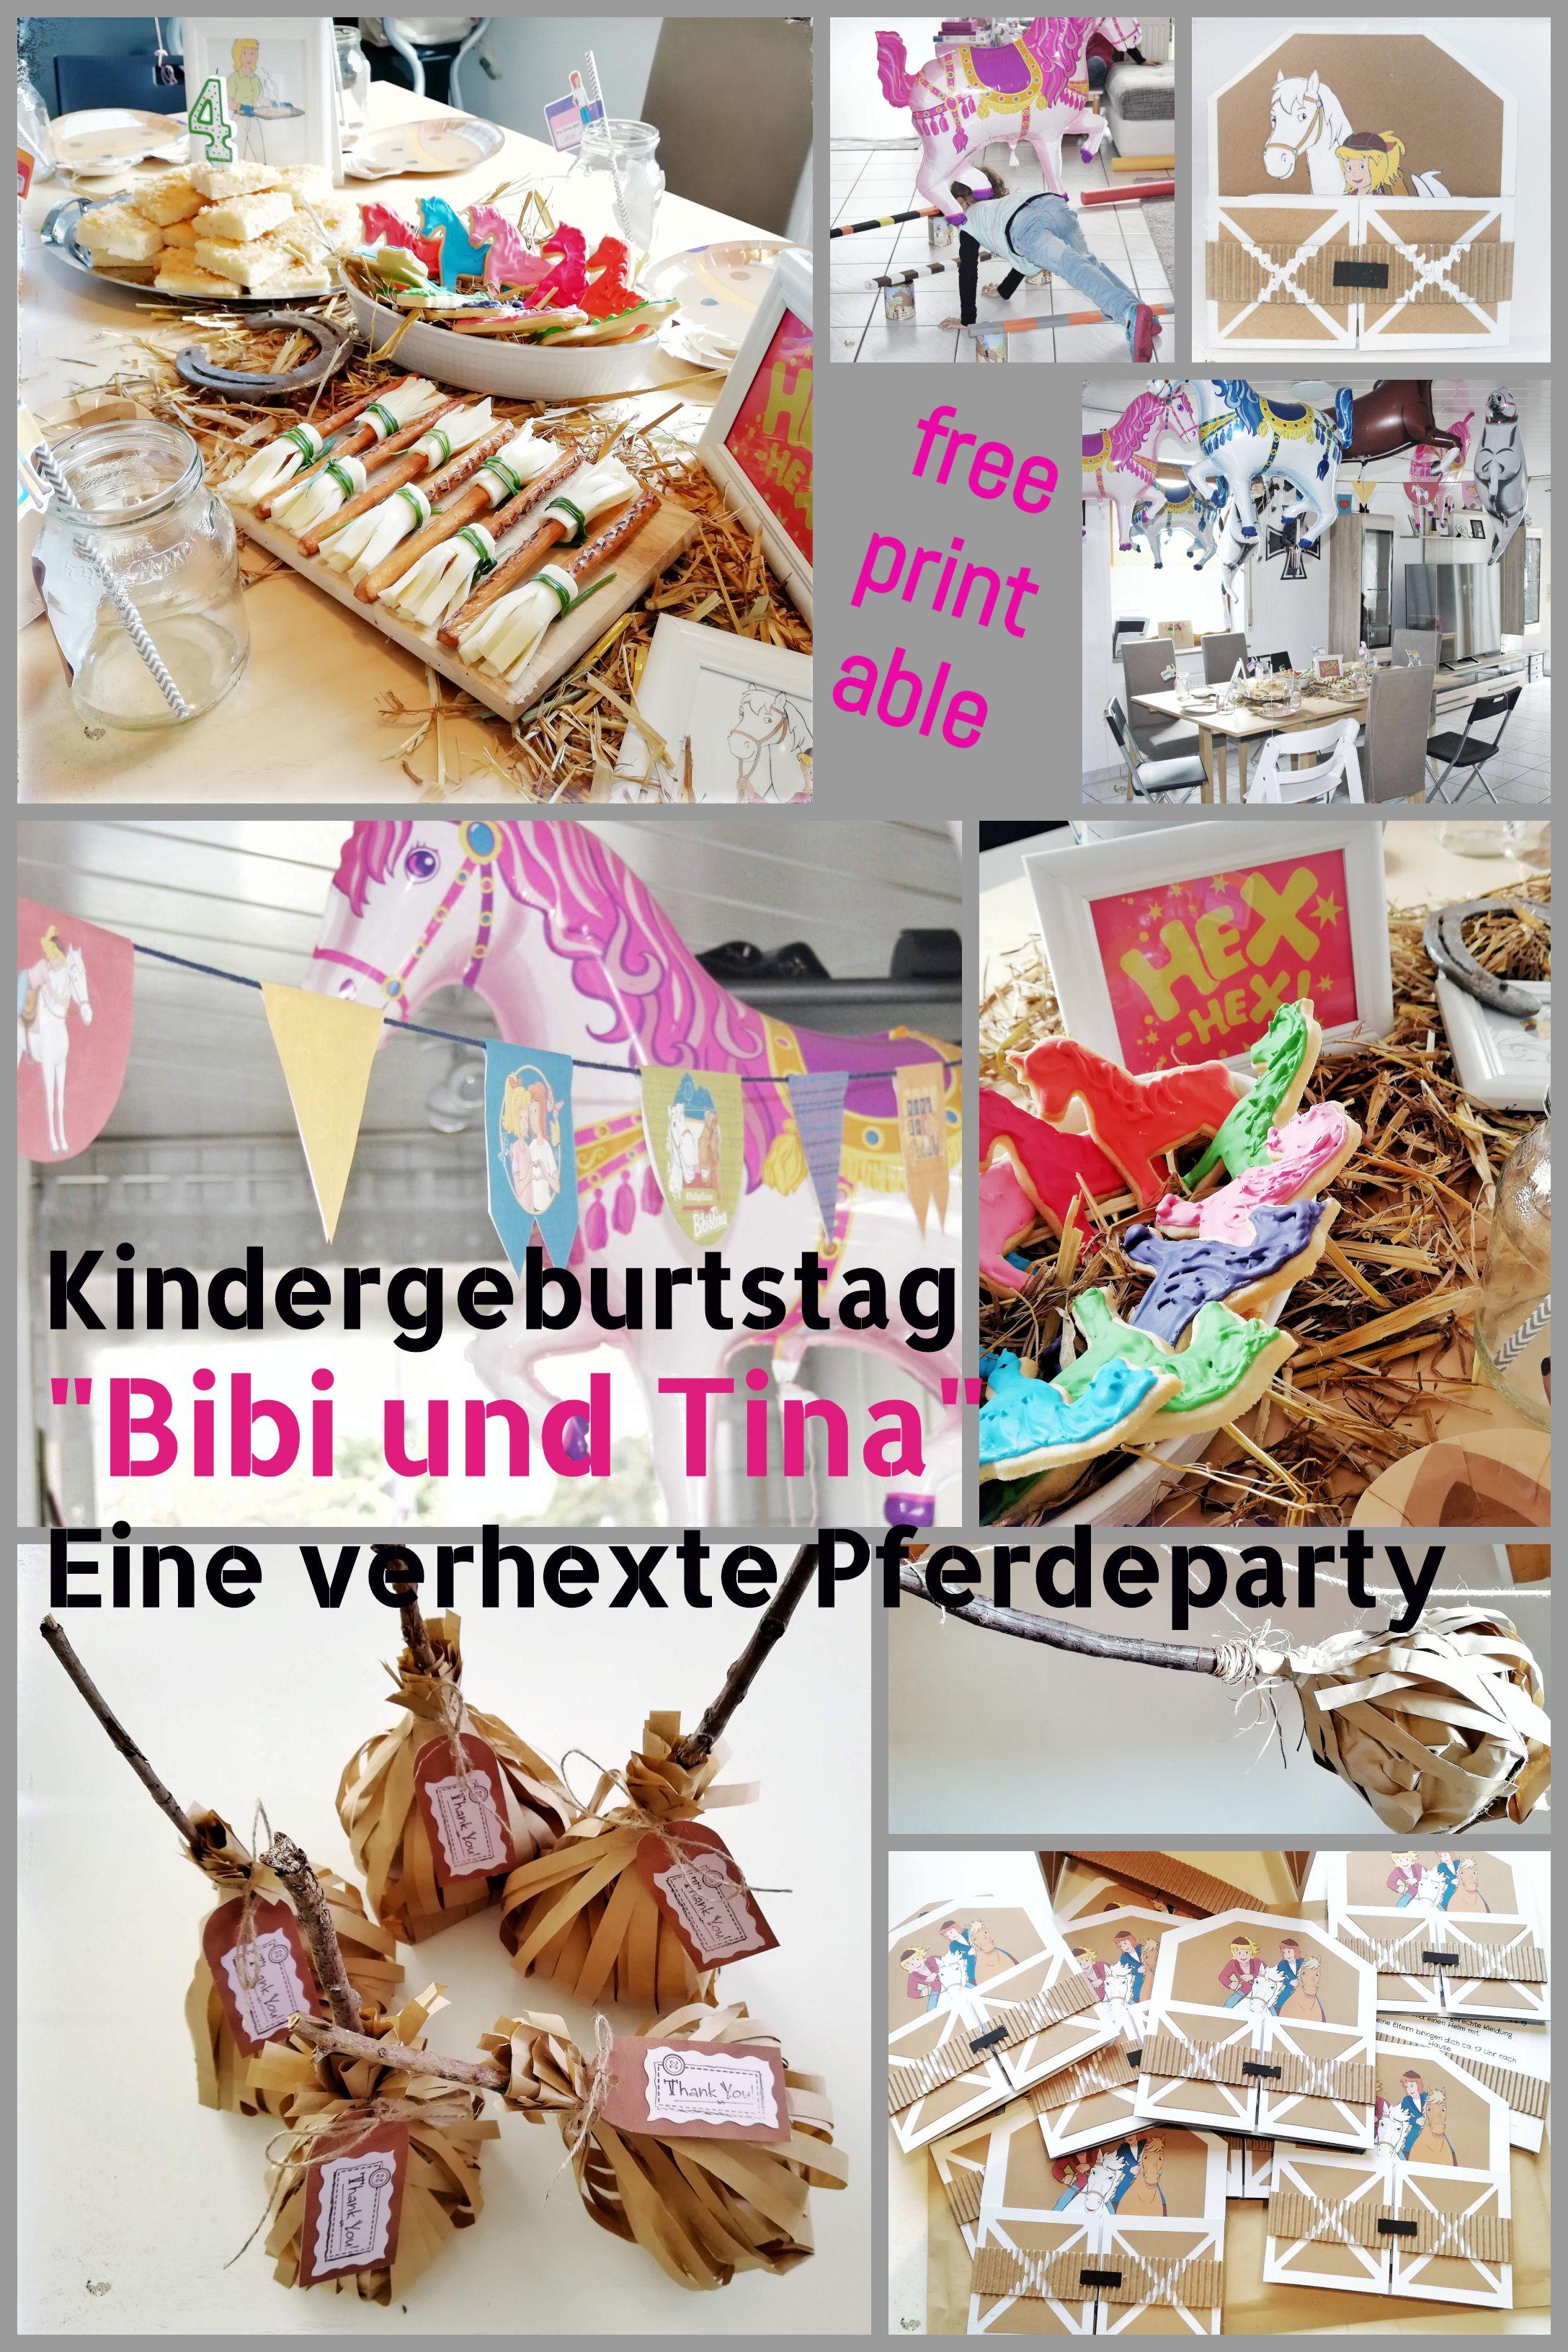 Das war schon die zweite #Pferdeparty, die ich durchgeführt habe, nur diesmal war alles wie verhext. Denn eigentlich war es eine #Bibi und Tina Party, vollgepackt mit Hexsprüchen, die die #Partyspiele auf den Kopf gestellt haben. Für die #Einladung gibt's ein kostenloses #Printable.  #Kindergeburtstag #Mottoparty #Geburtstagsfeier #Bibiundtina #giveaways # mitgebsel #hexenbesen #butterkuchen #tischdeko #hexenparty #partydeko